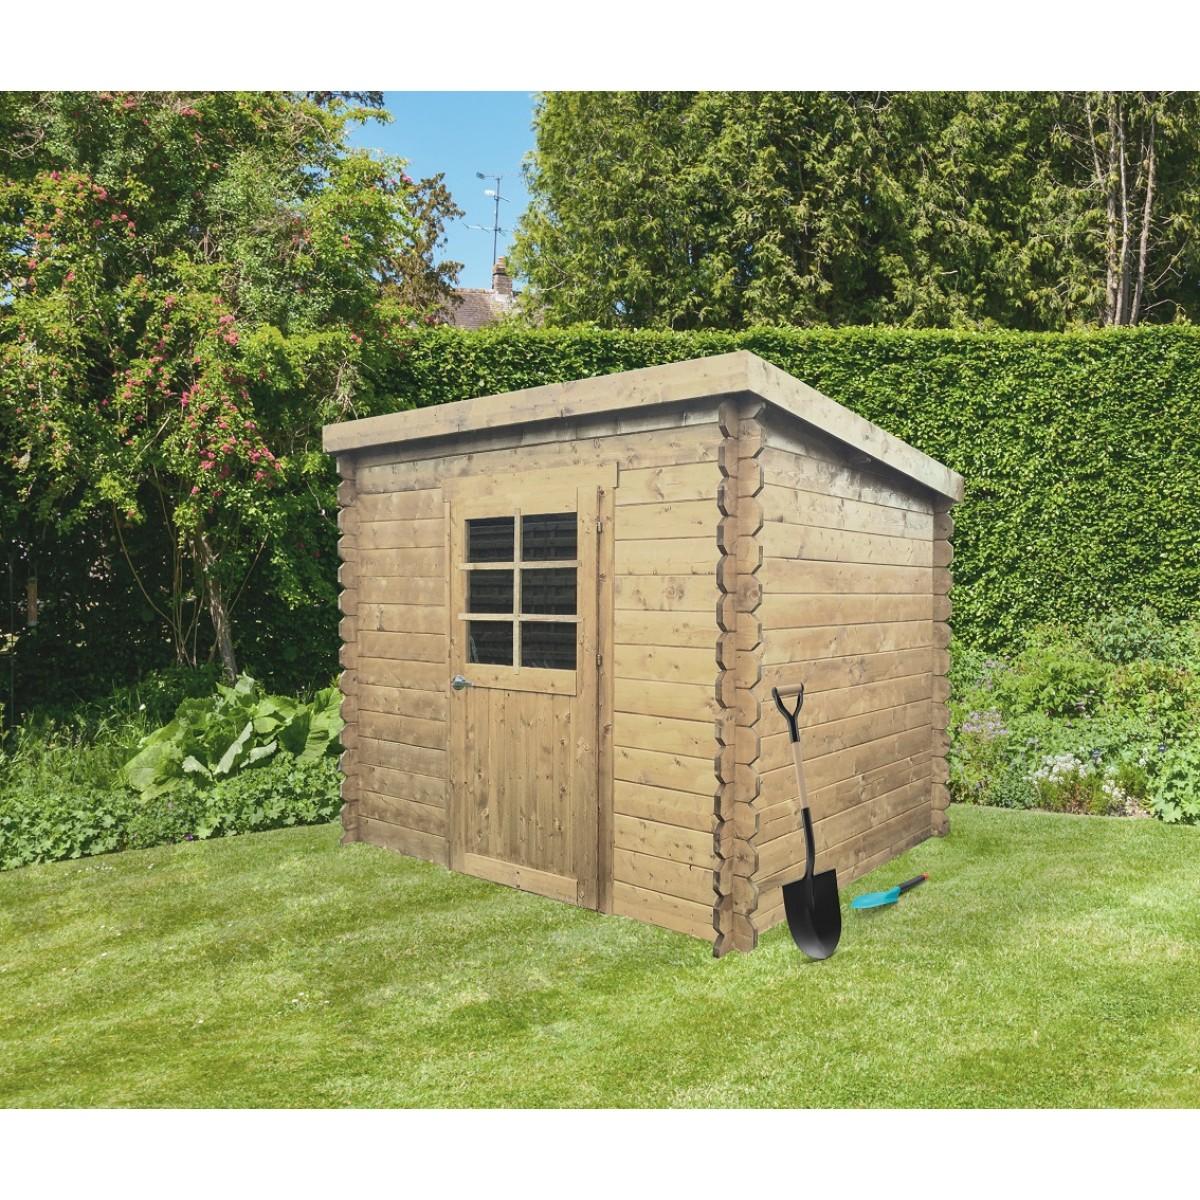 Abri jardin PASSAU 198 x 198 cm toit plat - 3,92 m² - S8604 ...